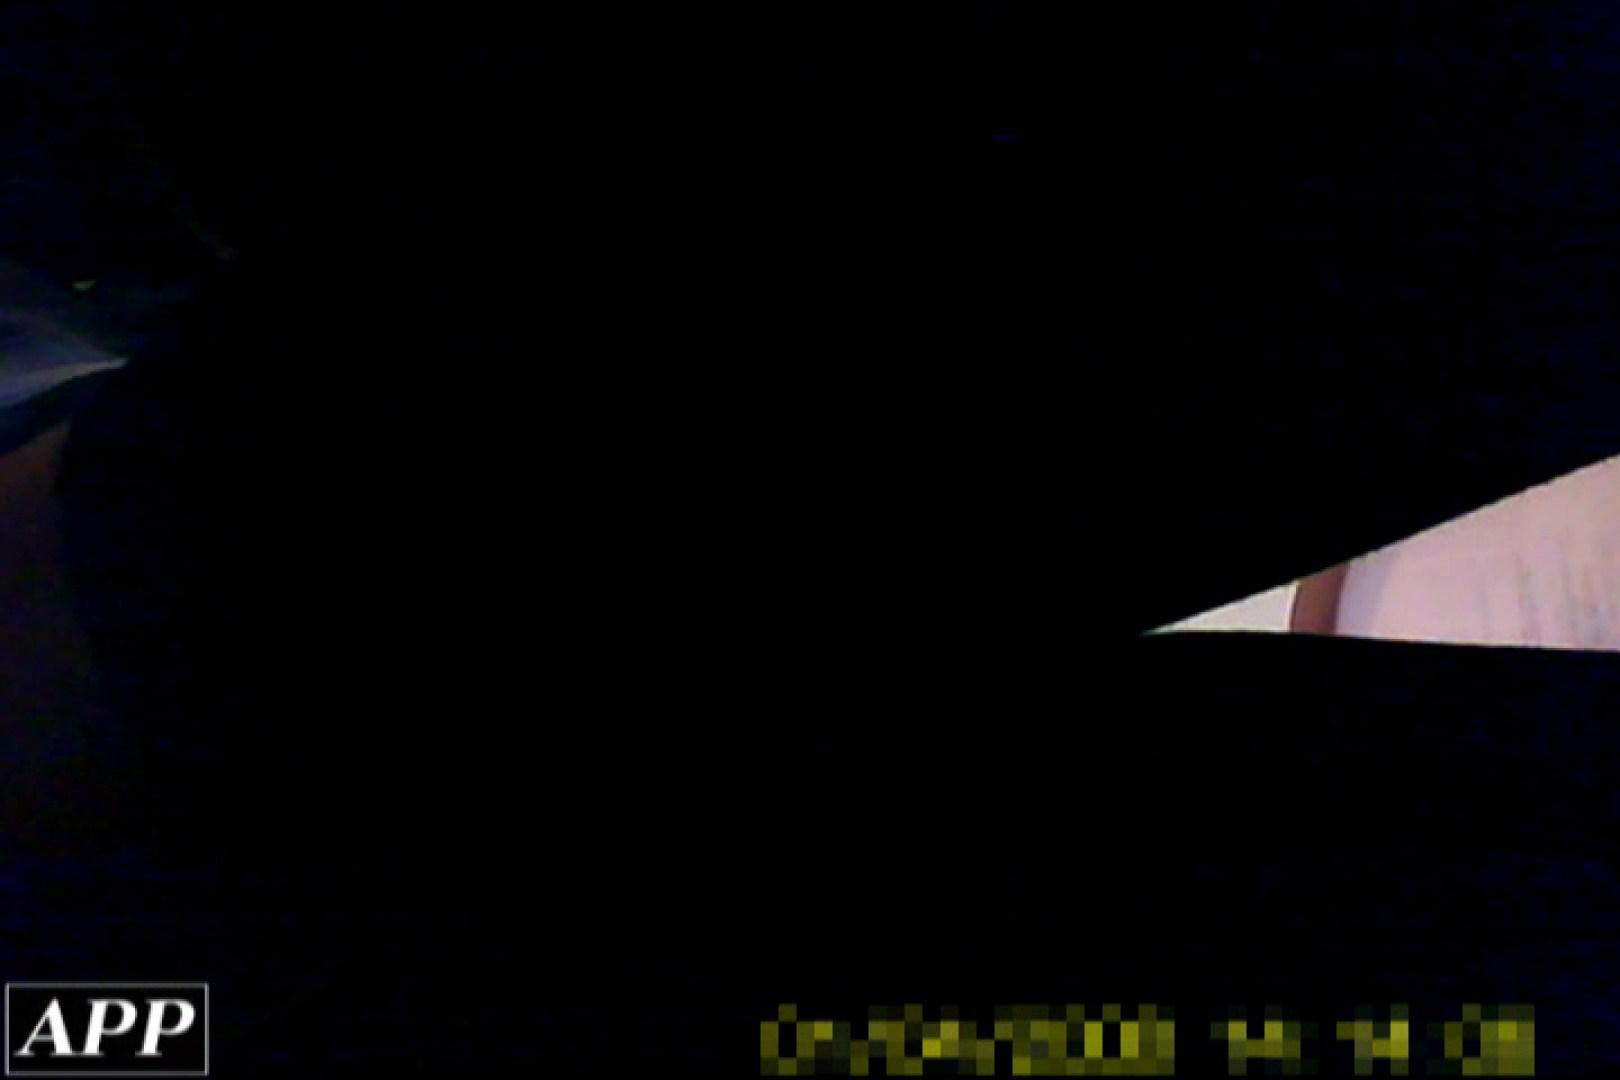 3視点洗面所 vol.83 洗面所 盗撮オメコ無修正動画無料 88画像 33